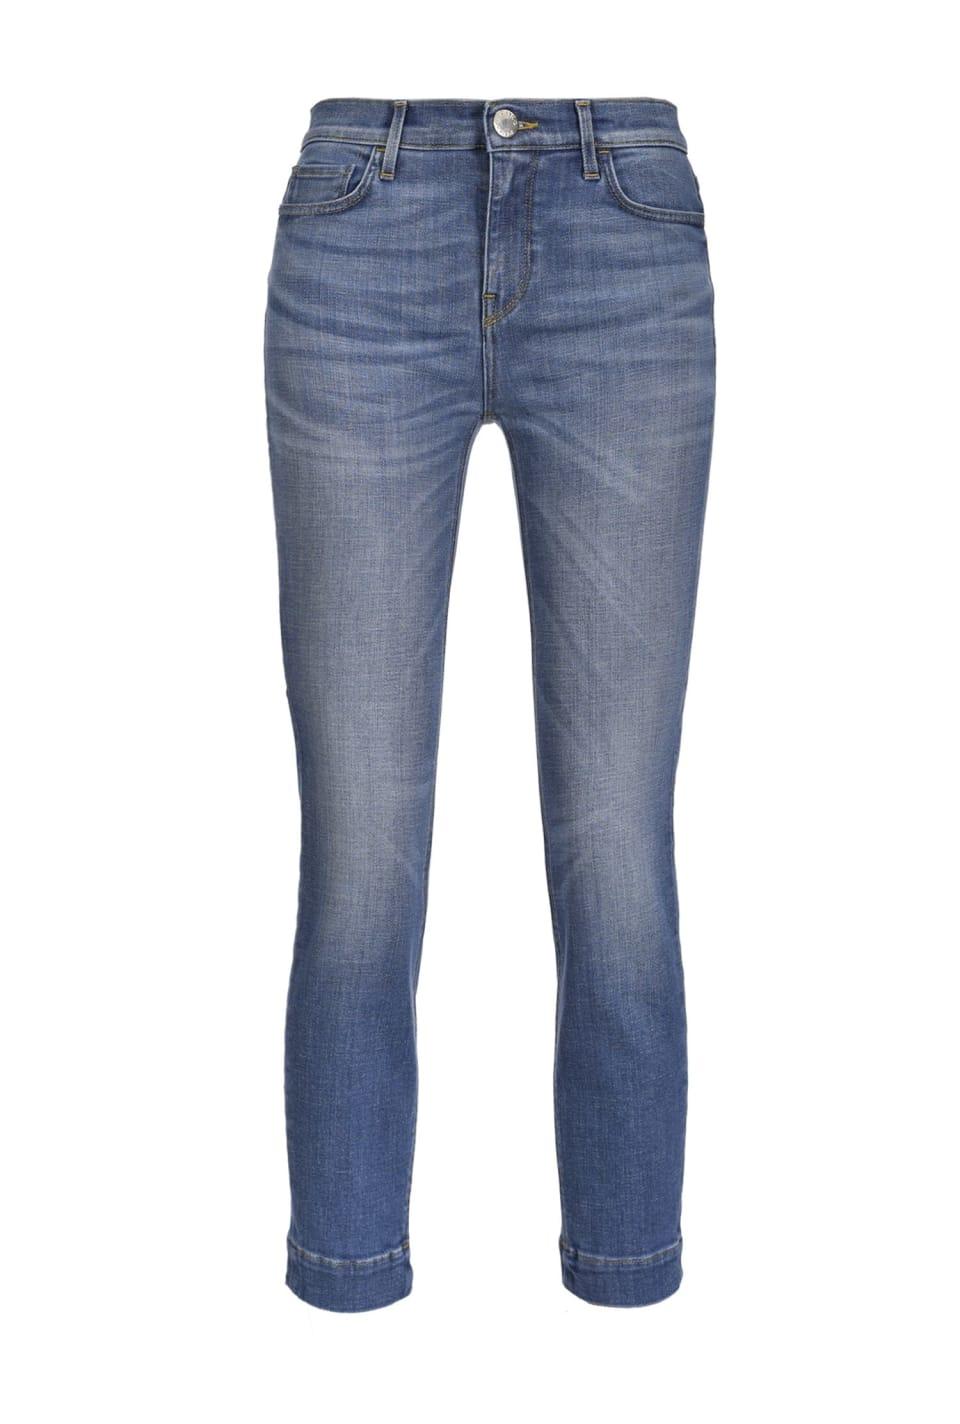 Skinny-Jeans in Croppedlänge aus Comfort-Denim